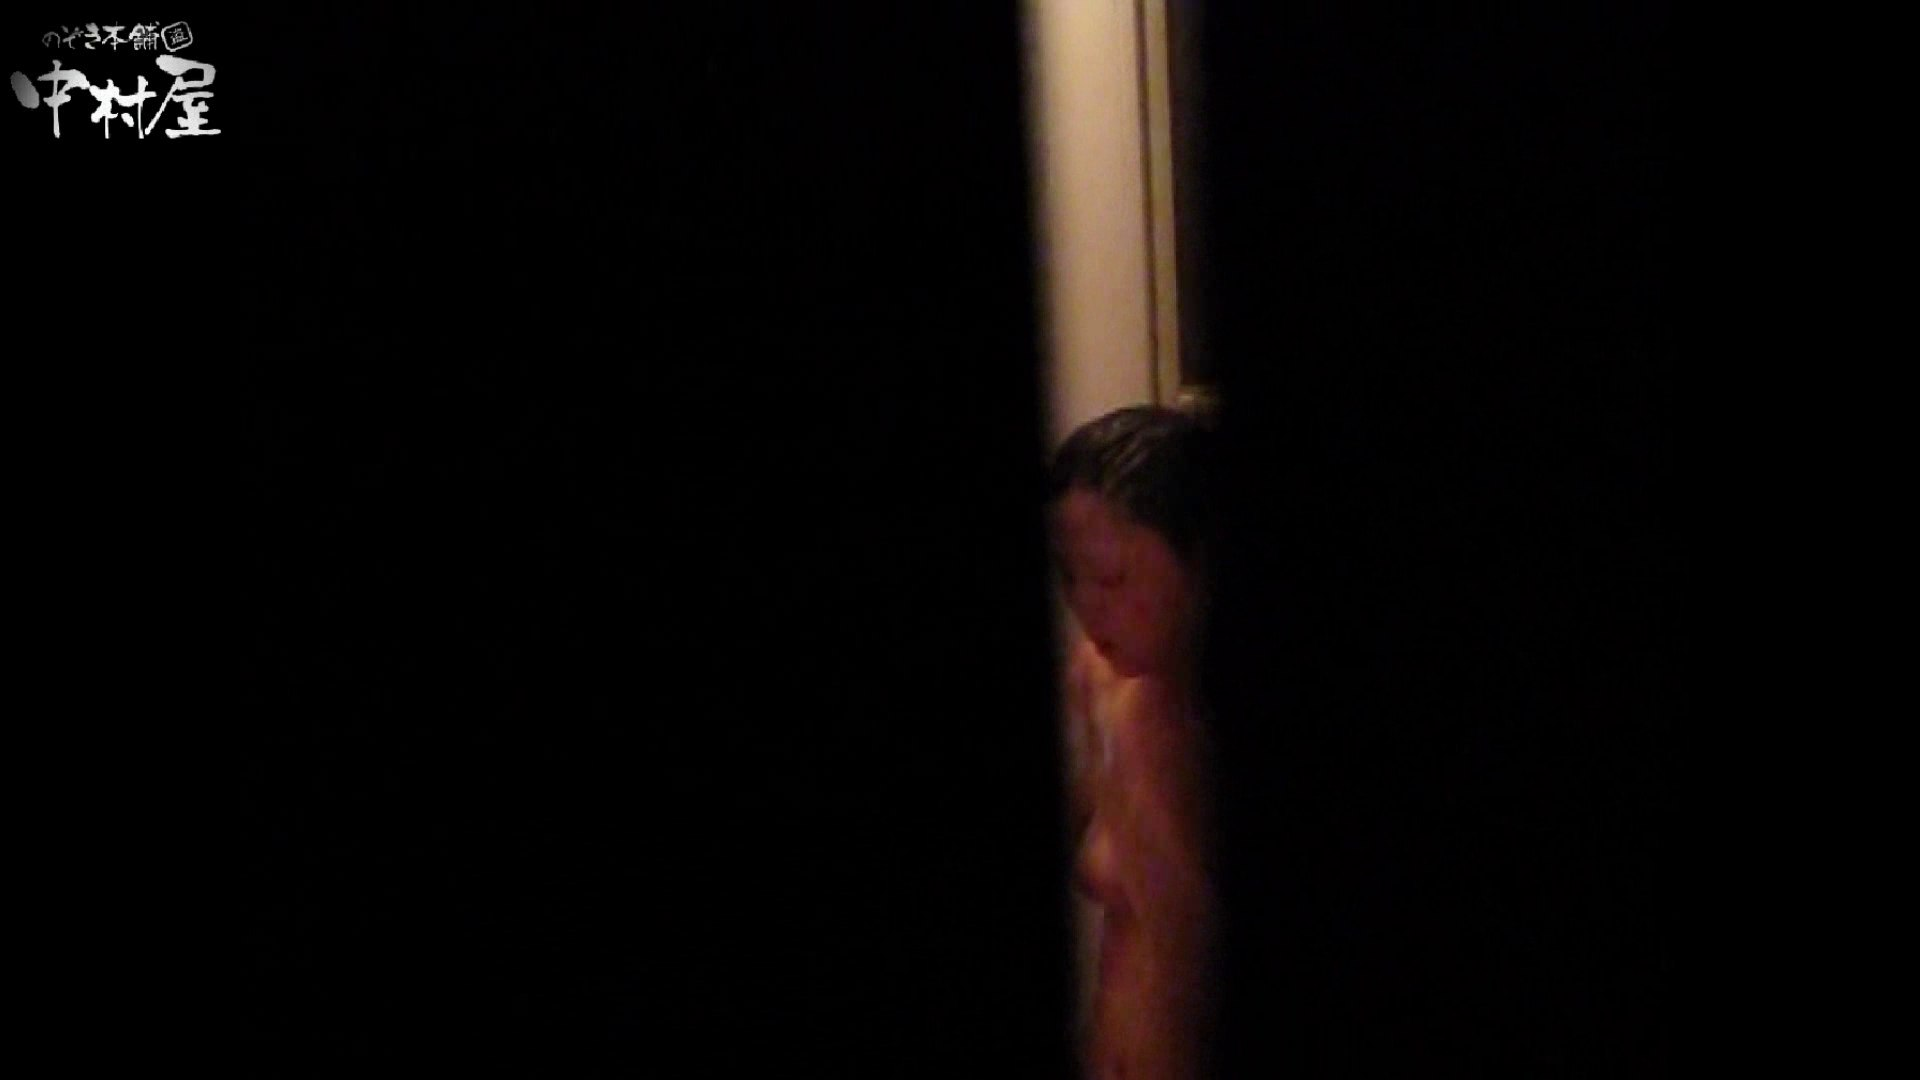 民家風呂専門盗撮師の超危険映像 vol.004 民家   美少女ヌード  80pic 25